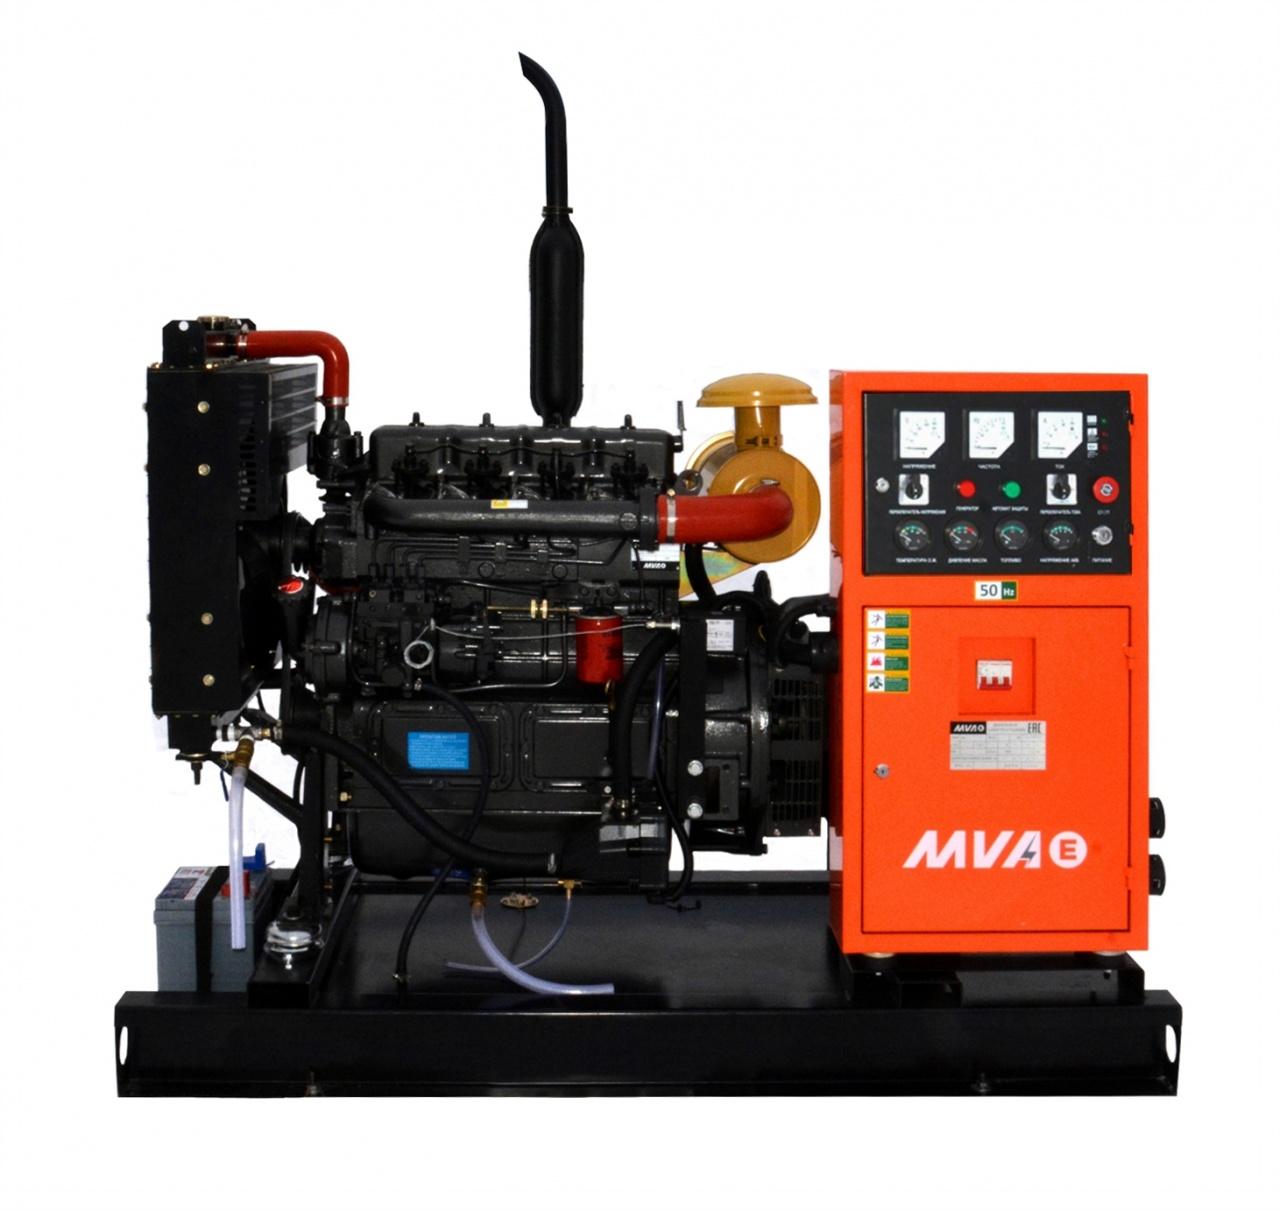 дизельная электростанция mvae ад-25-400-р